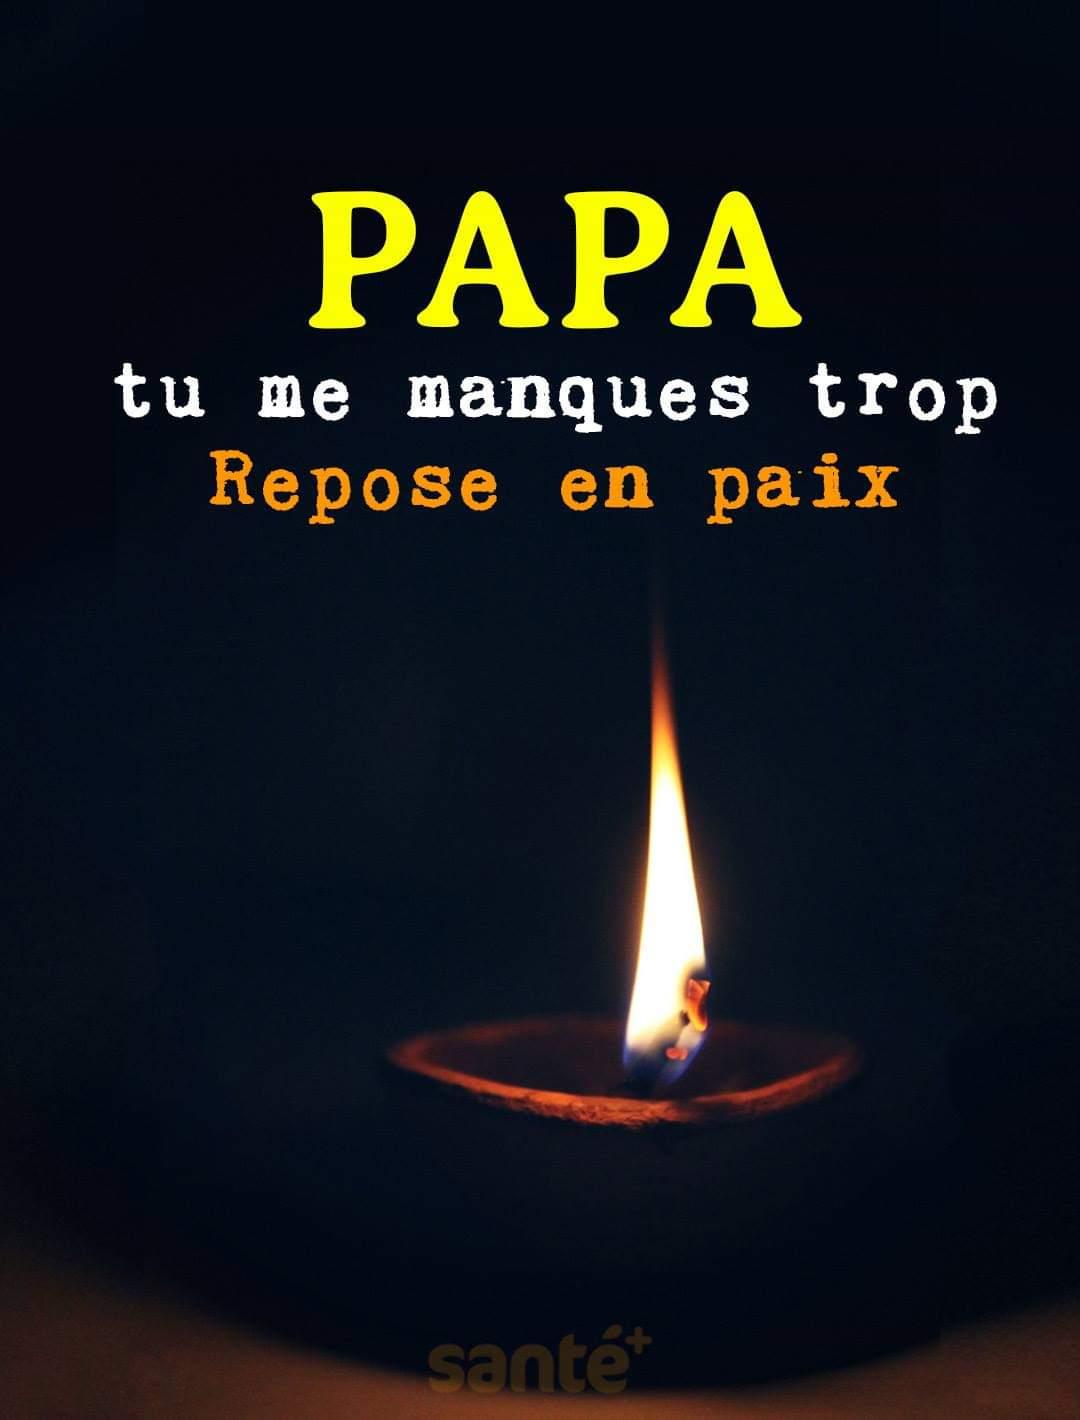 Xavi Dabo A Twitteren Que La Terre Te Soit Legere Papa Tu As Tout Fait Pour Moi 17 Ans De Disparition Peace And Love